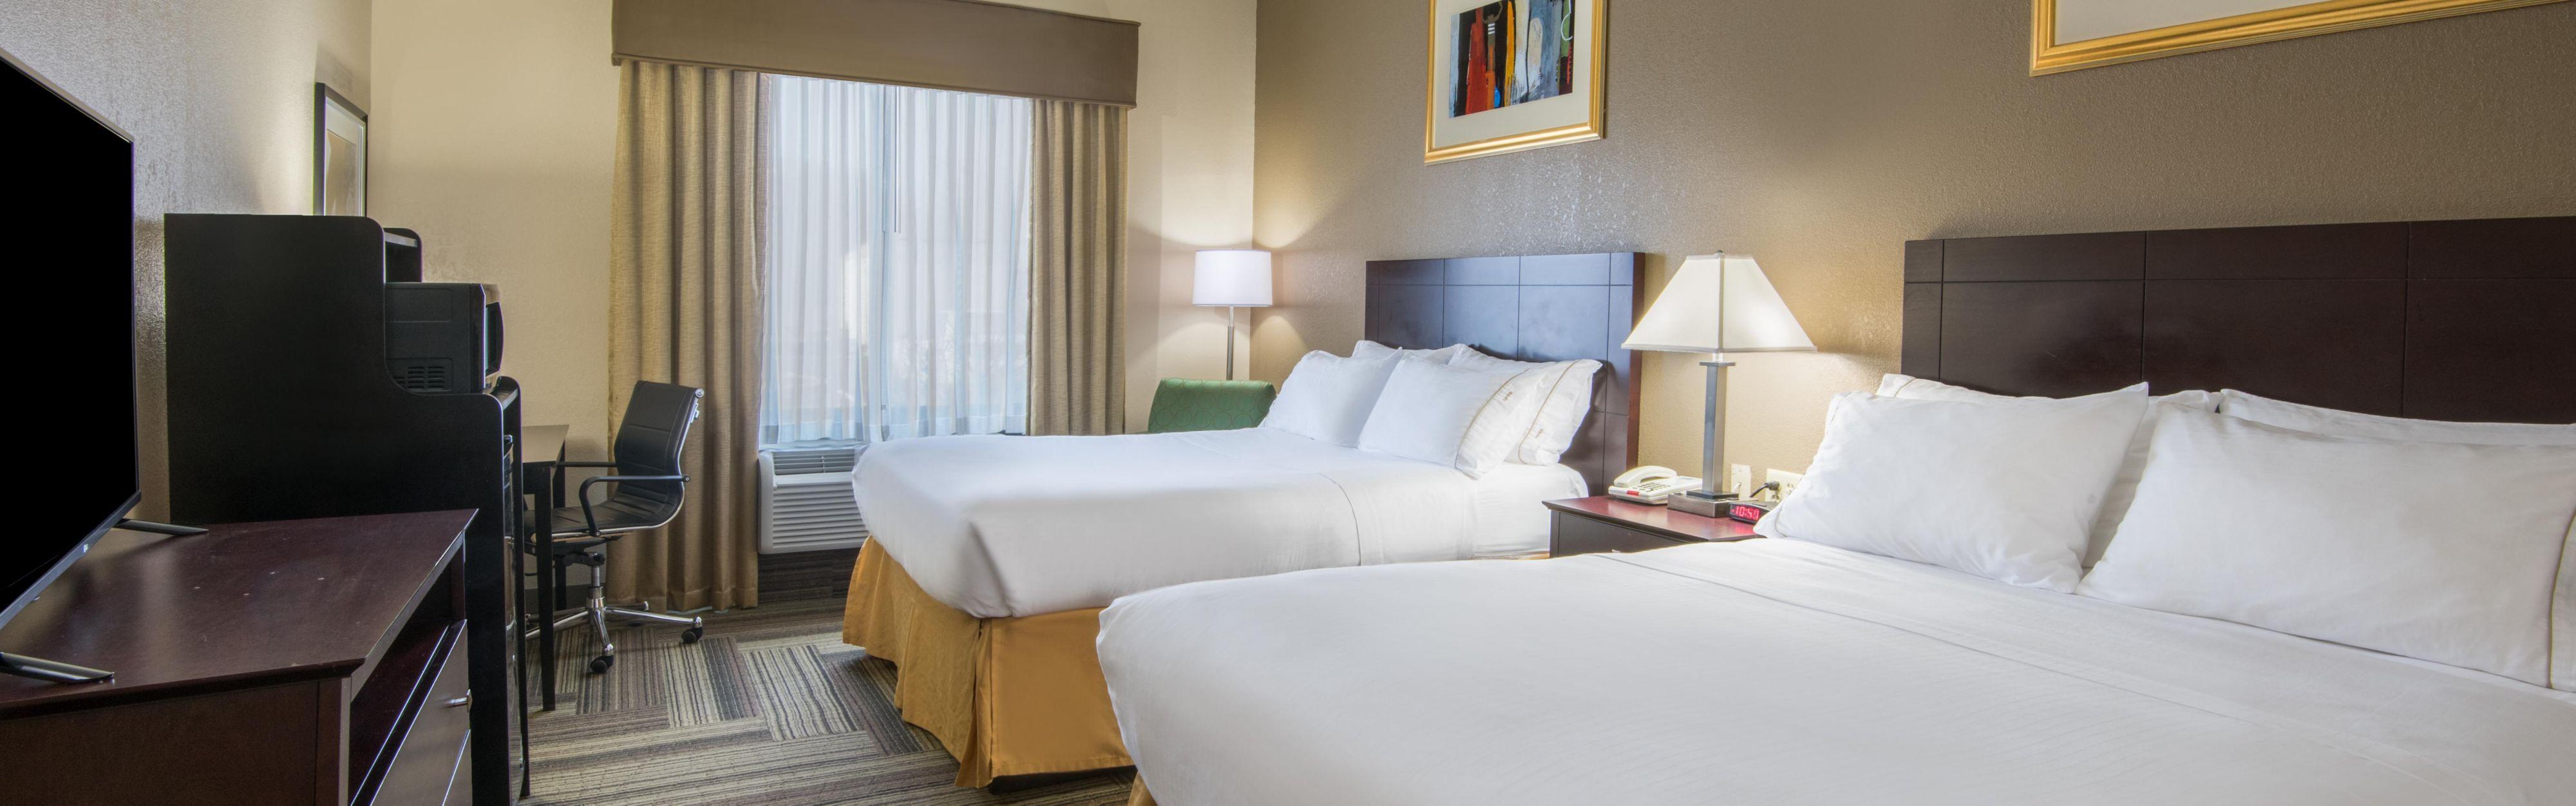 Holiday Inn Express & Suites Ashland image 1